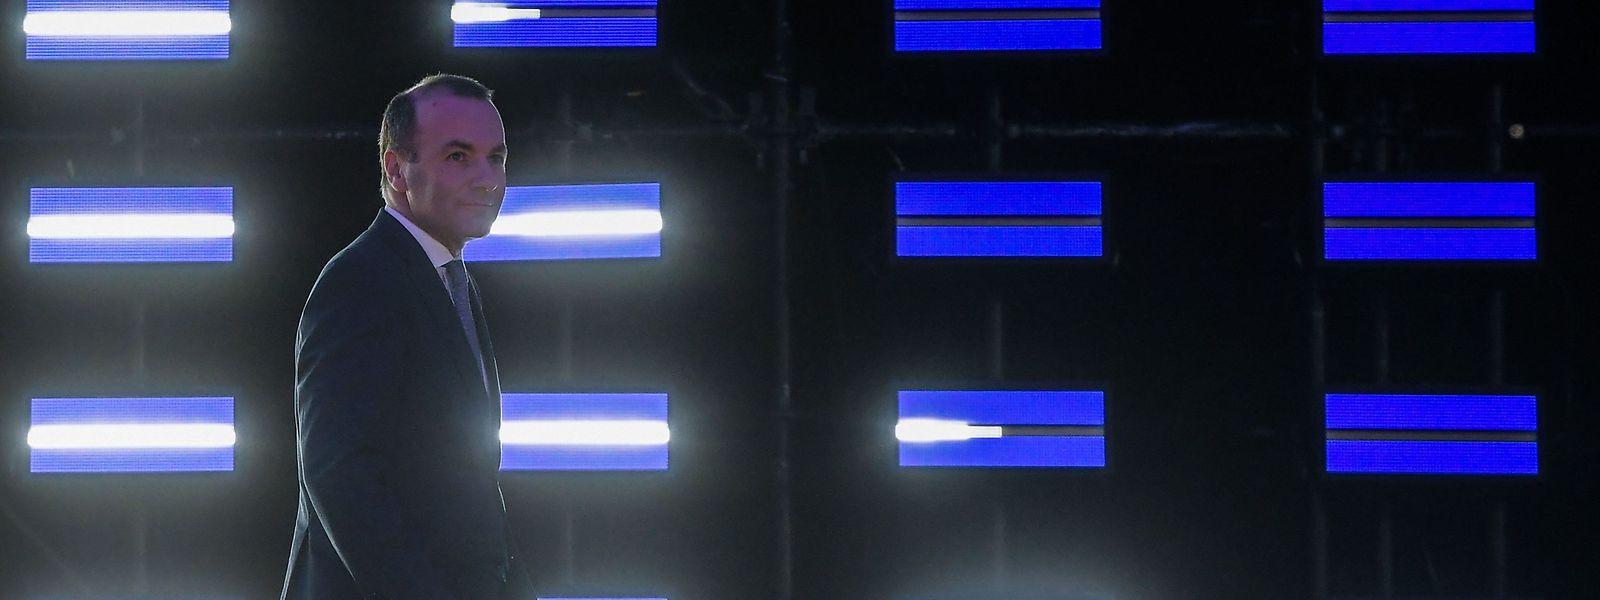 Manfred Weber auf dem Weg zum Rednerpult - nach der Wahl.